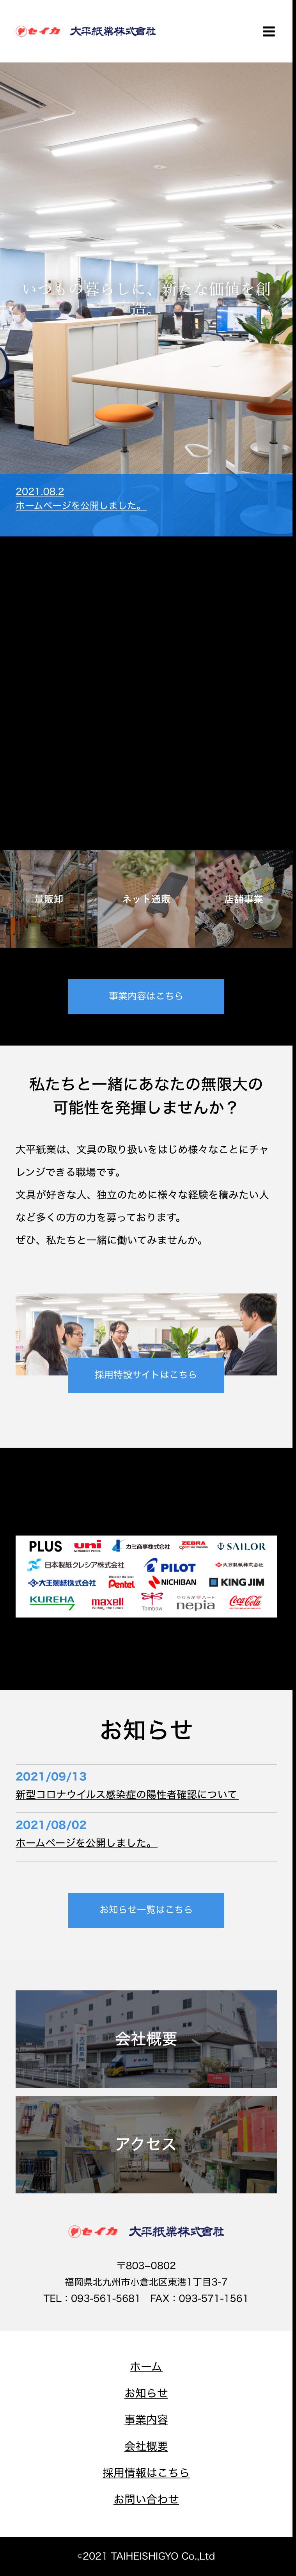 大平紙業株式会社様 SP画像